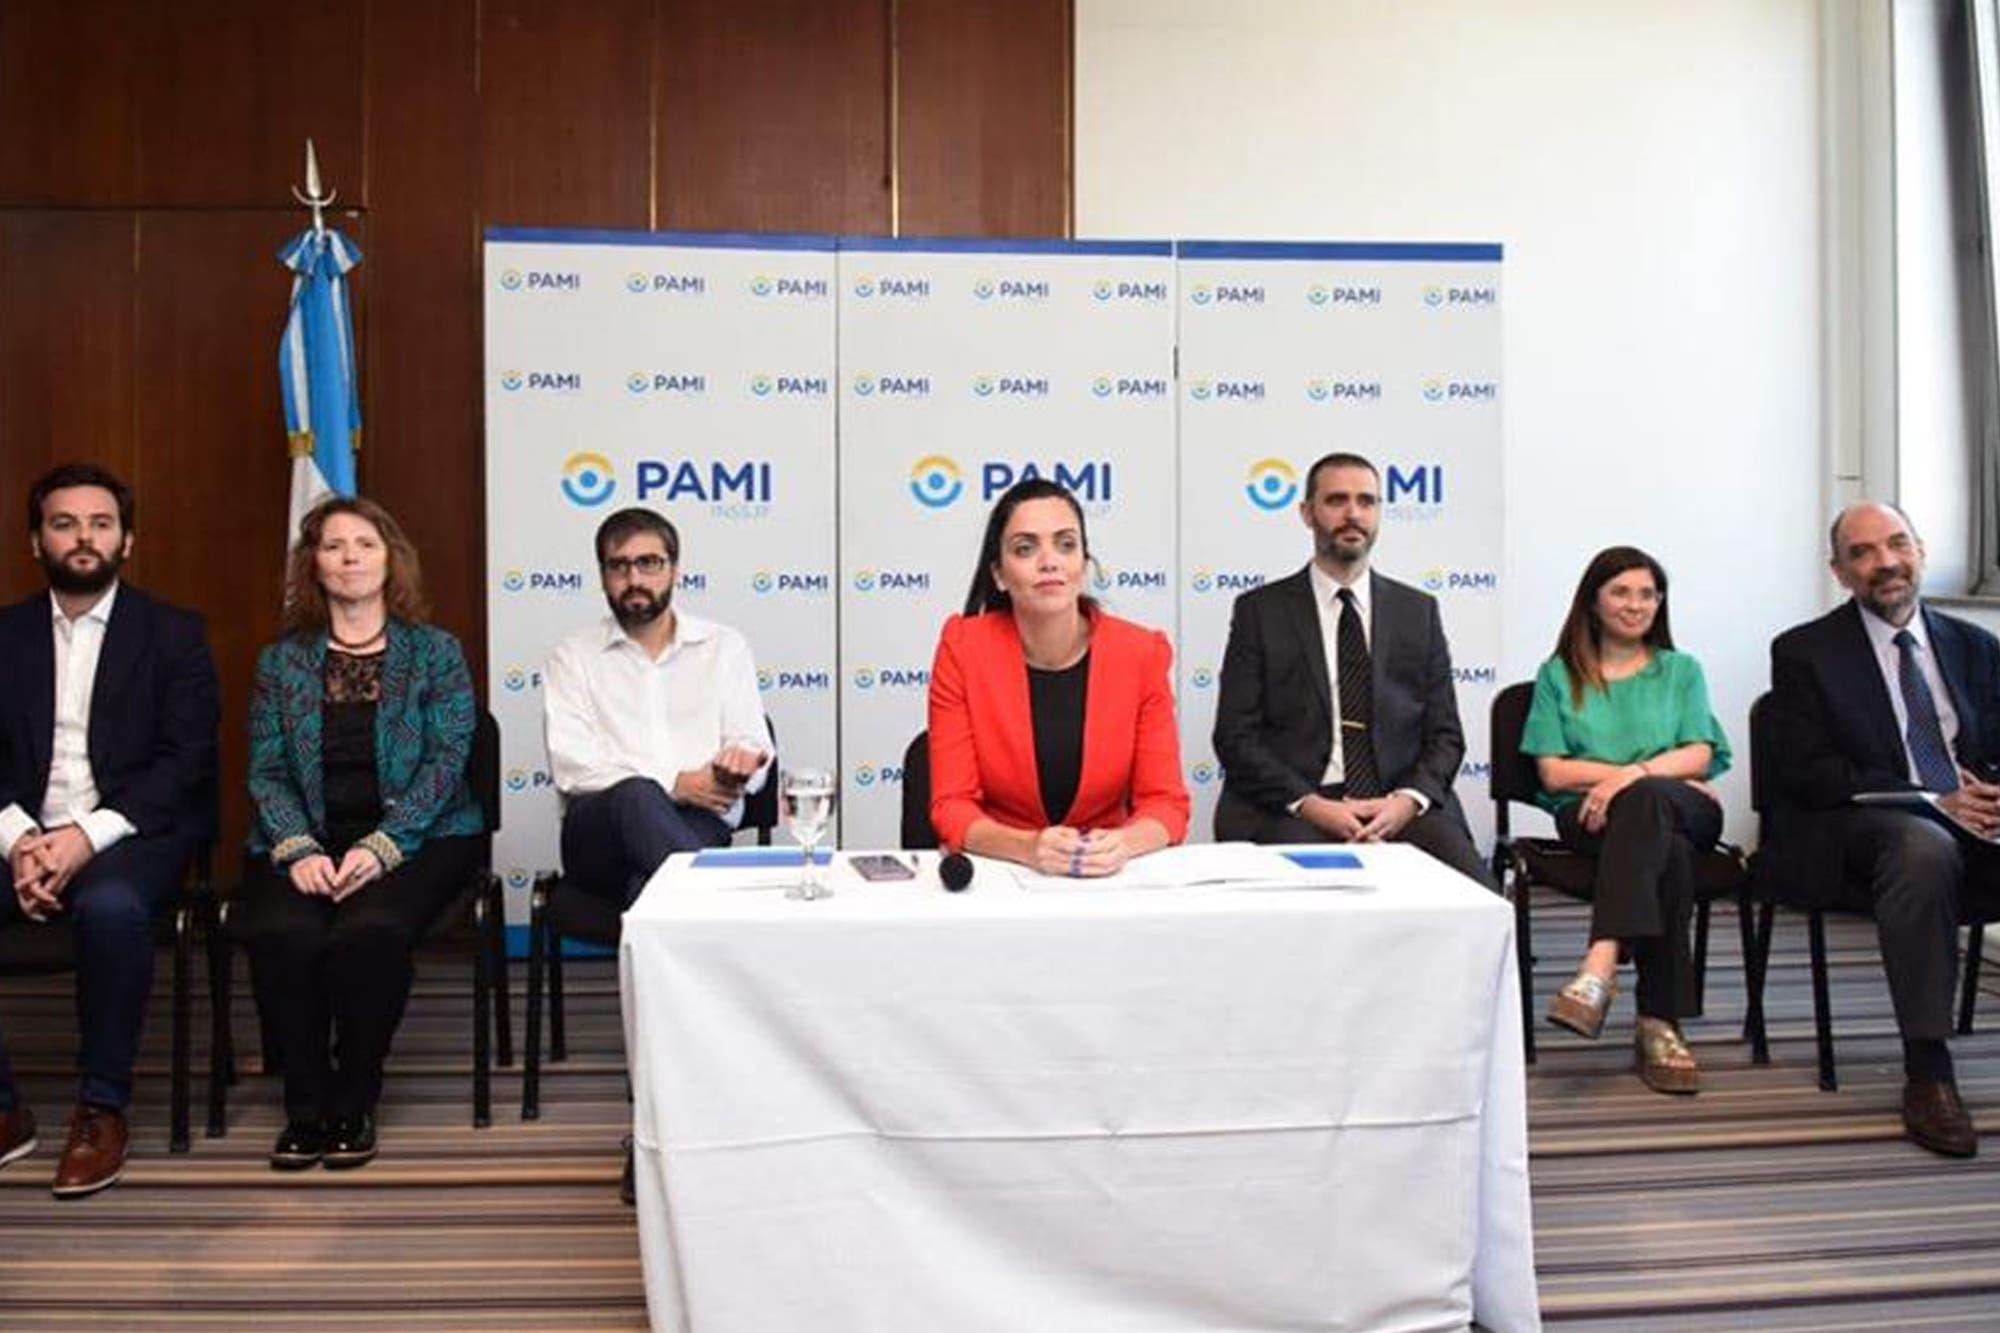 Luana Volnovich anunció que congelará los sueldos de funcionarios, secretarios y gerentes del PAMI